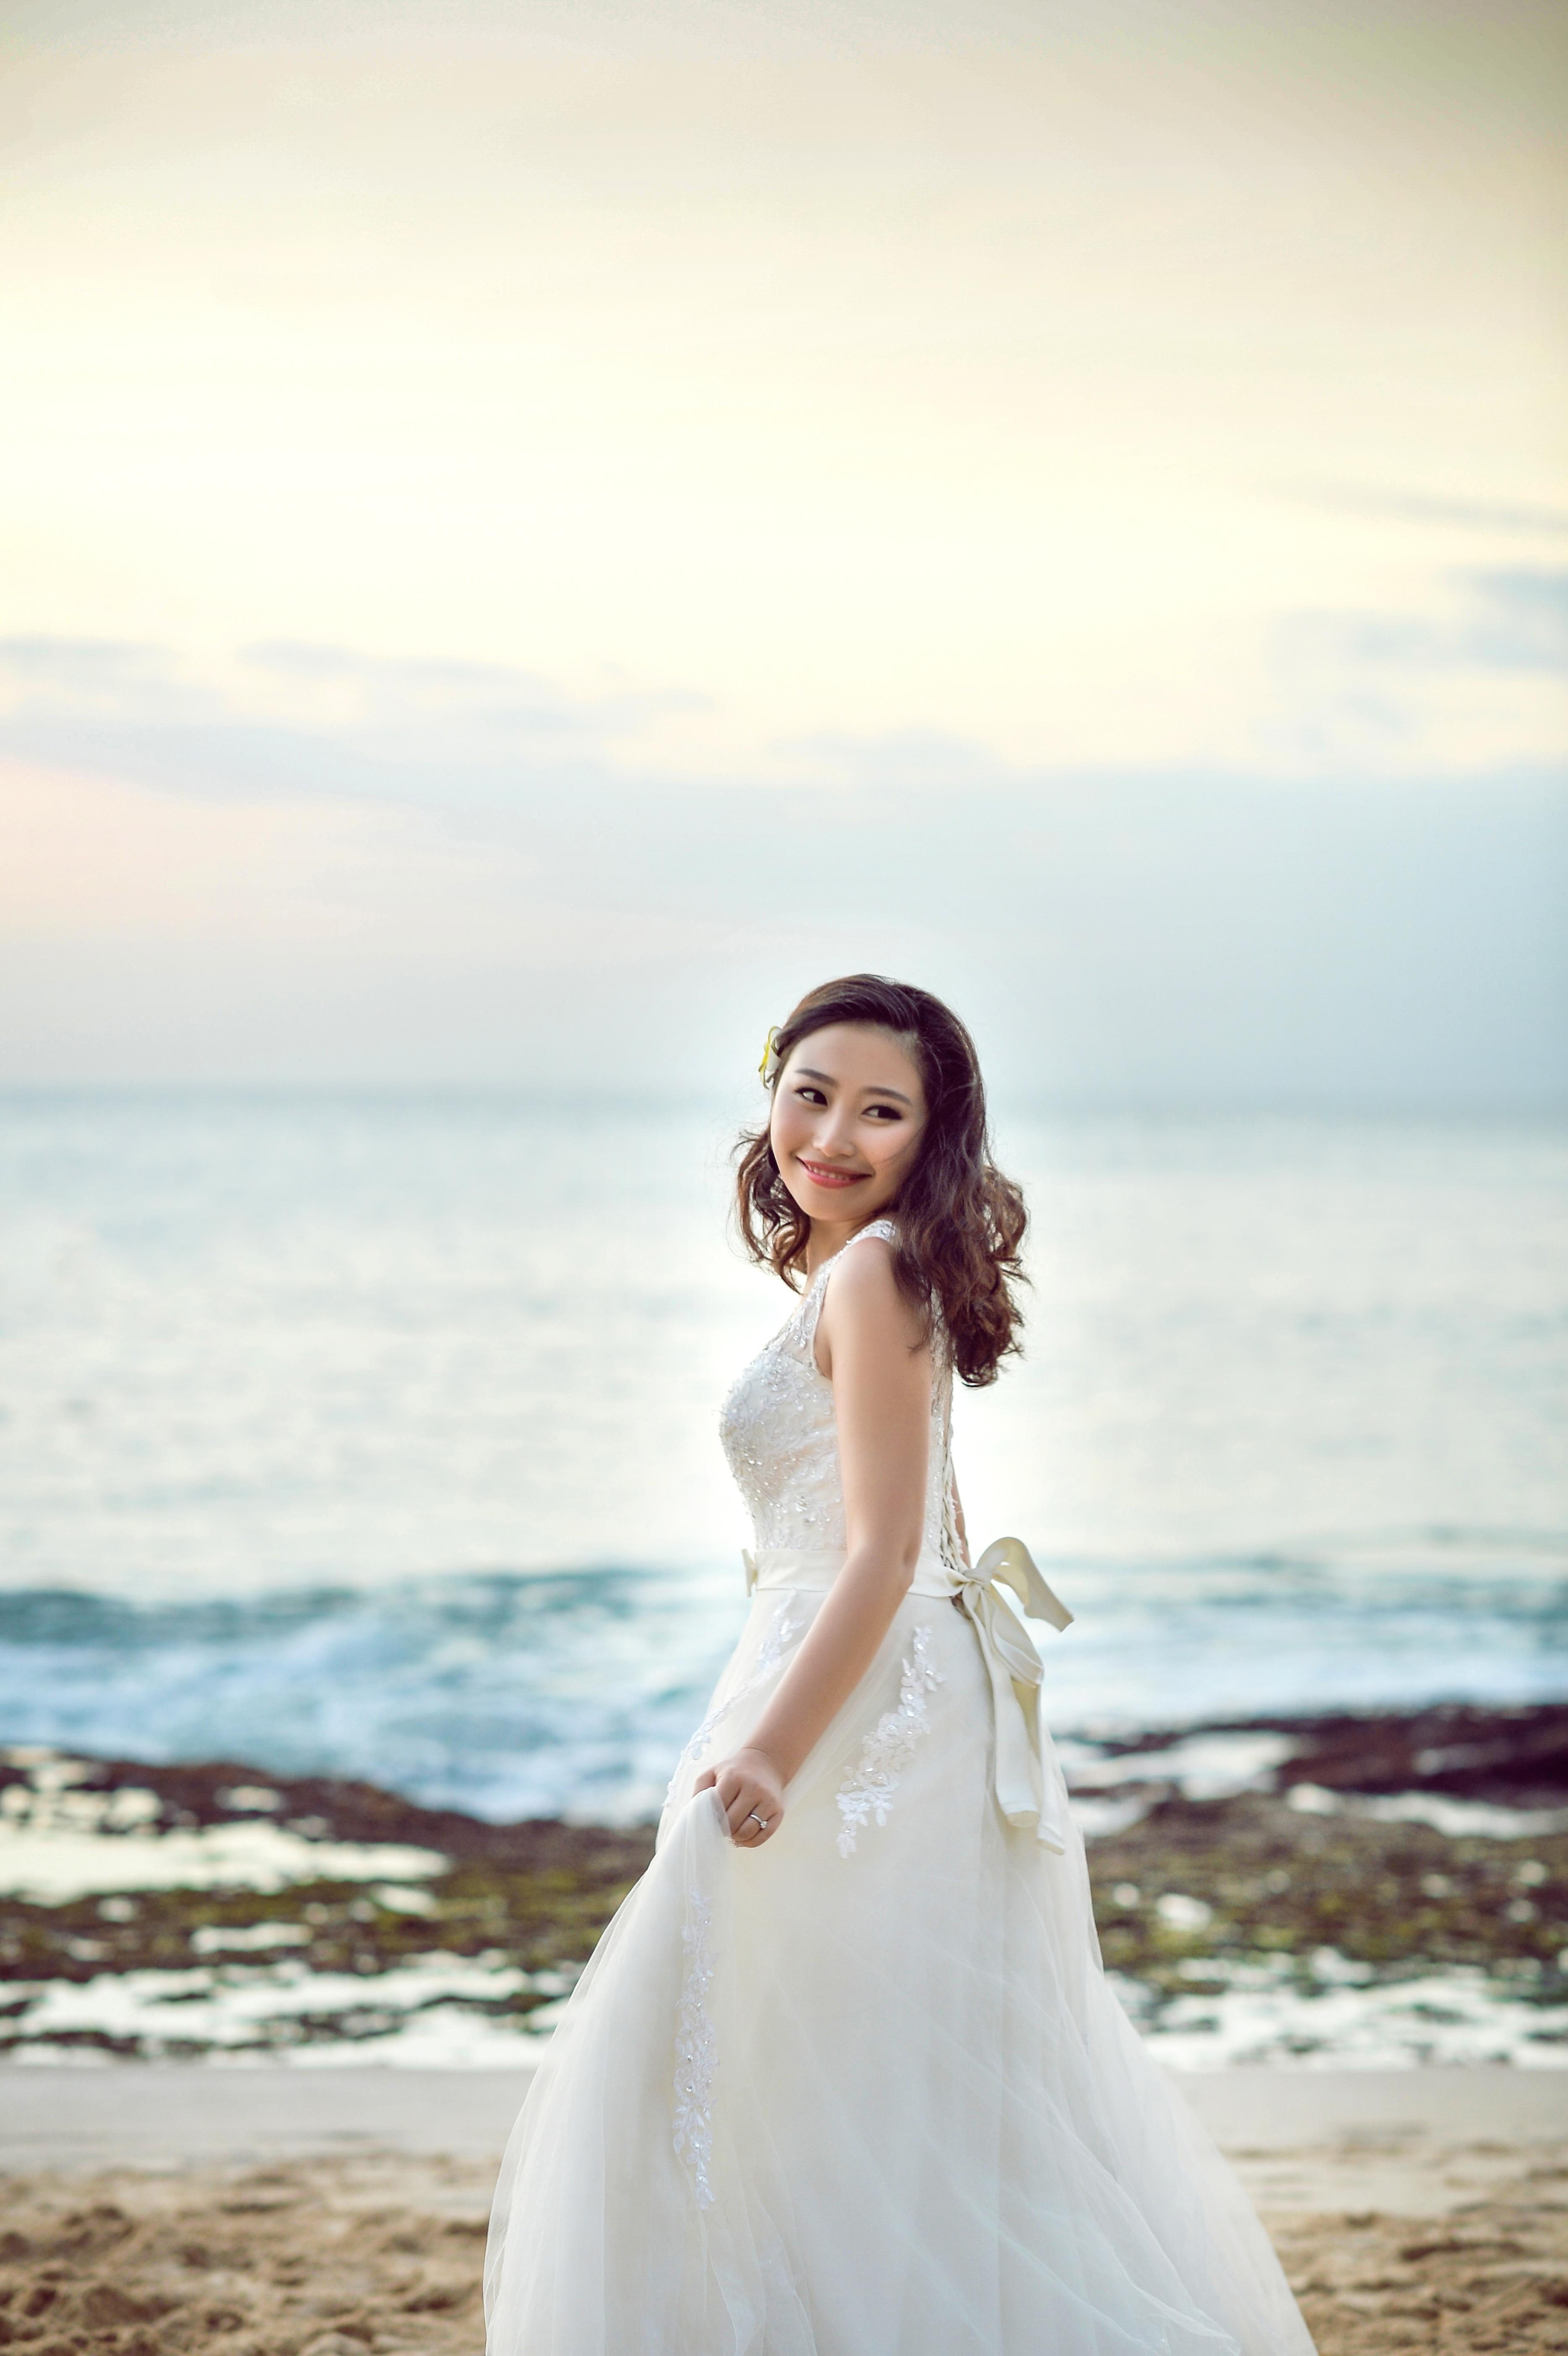 巴厘岛的旅拍婚纱照,感兴趣的过来收经验啦